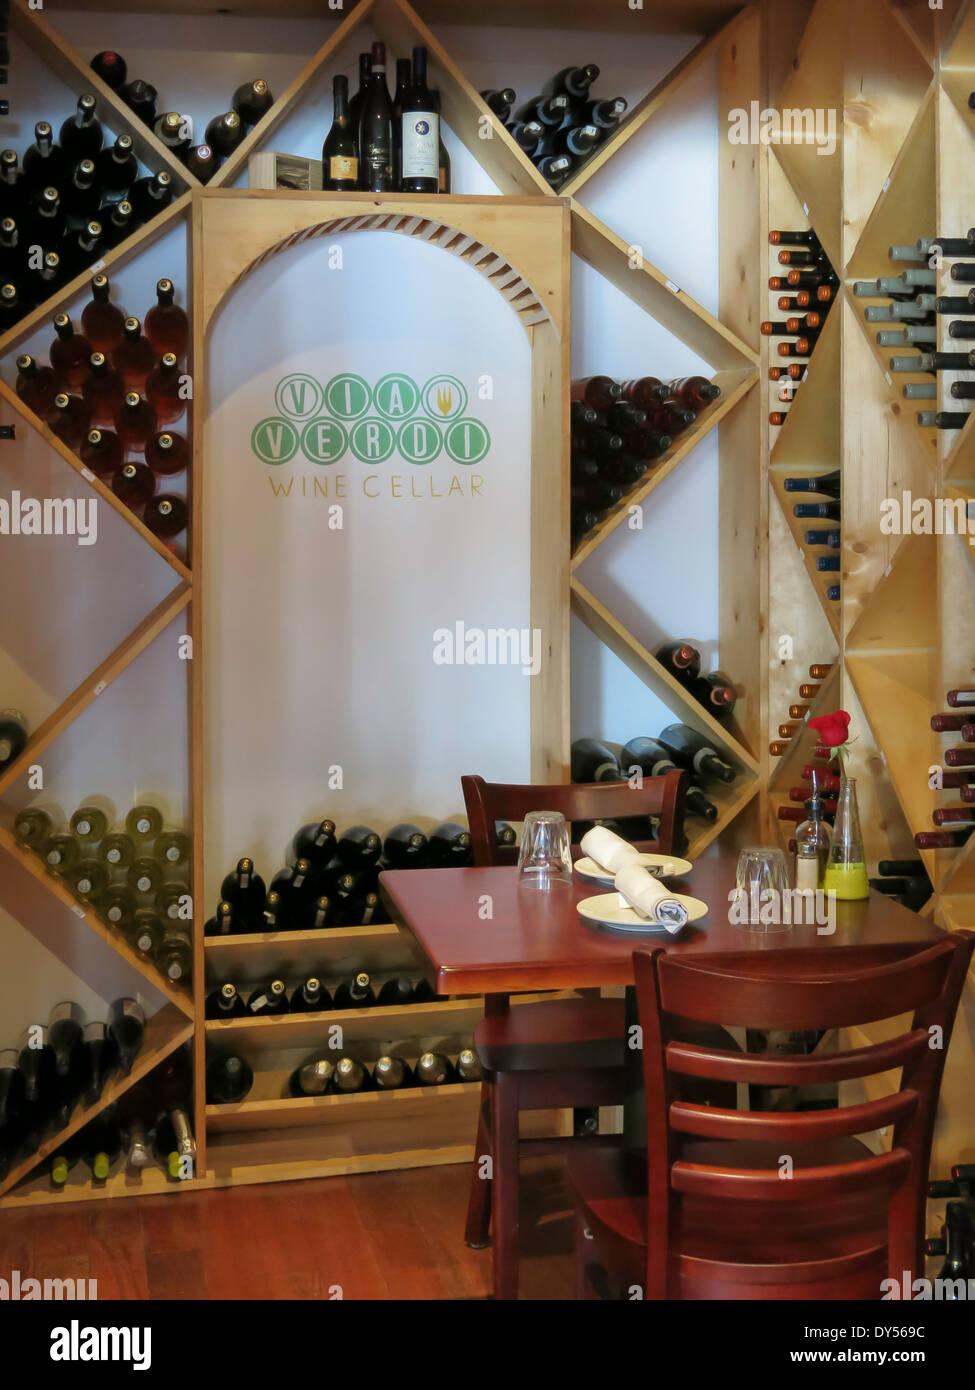 Romantischen Weinkeller Tisch für zwei, über Verdi Cucina Rustica ...